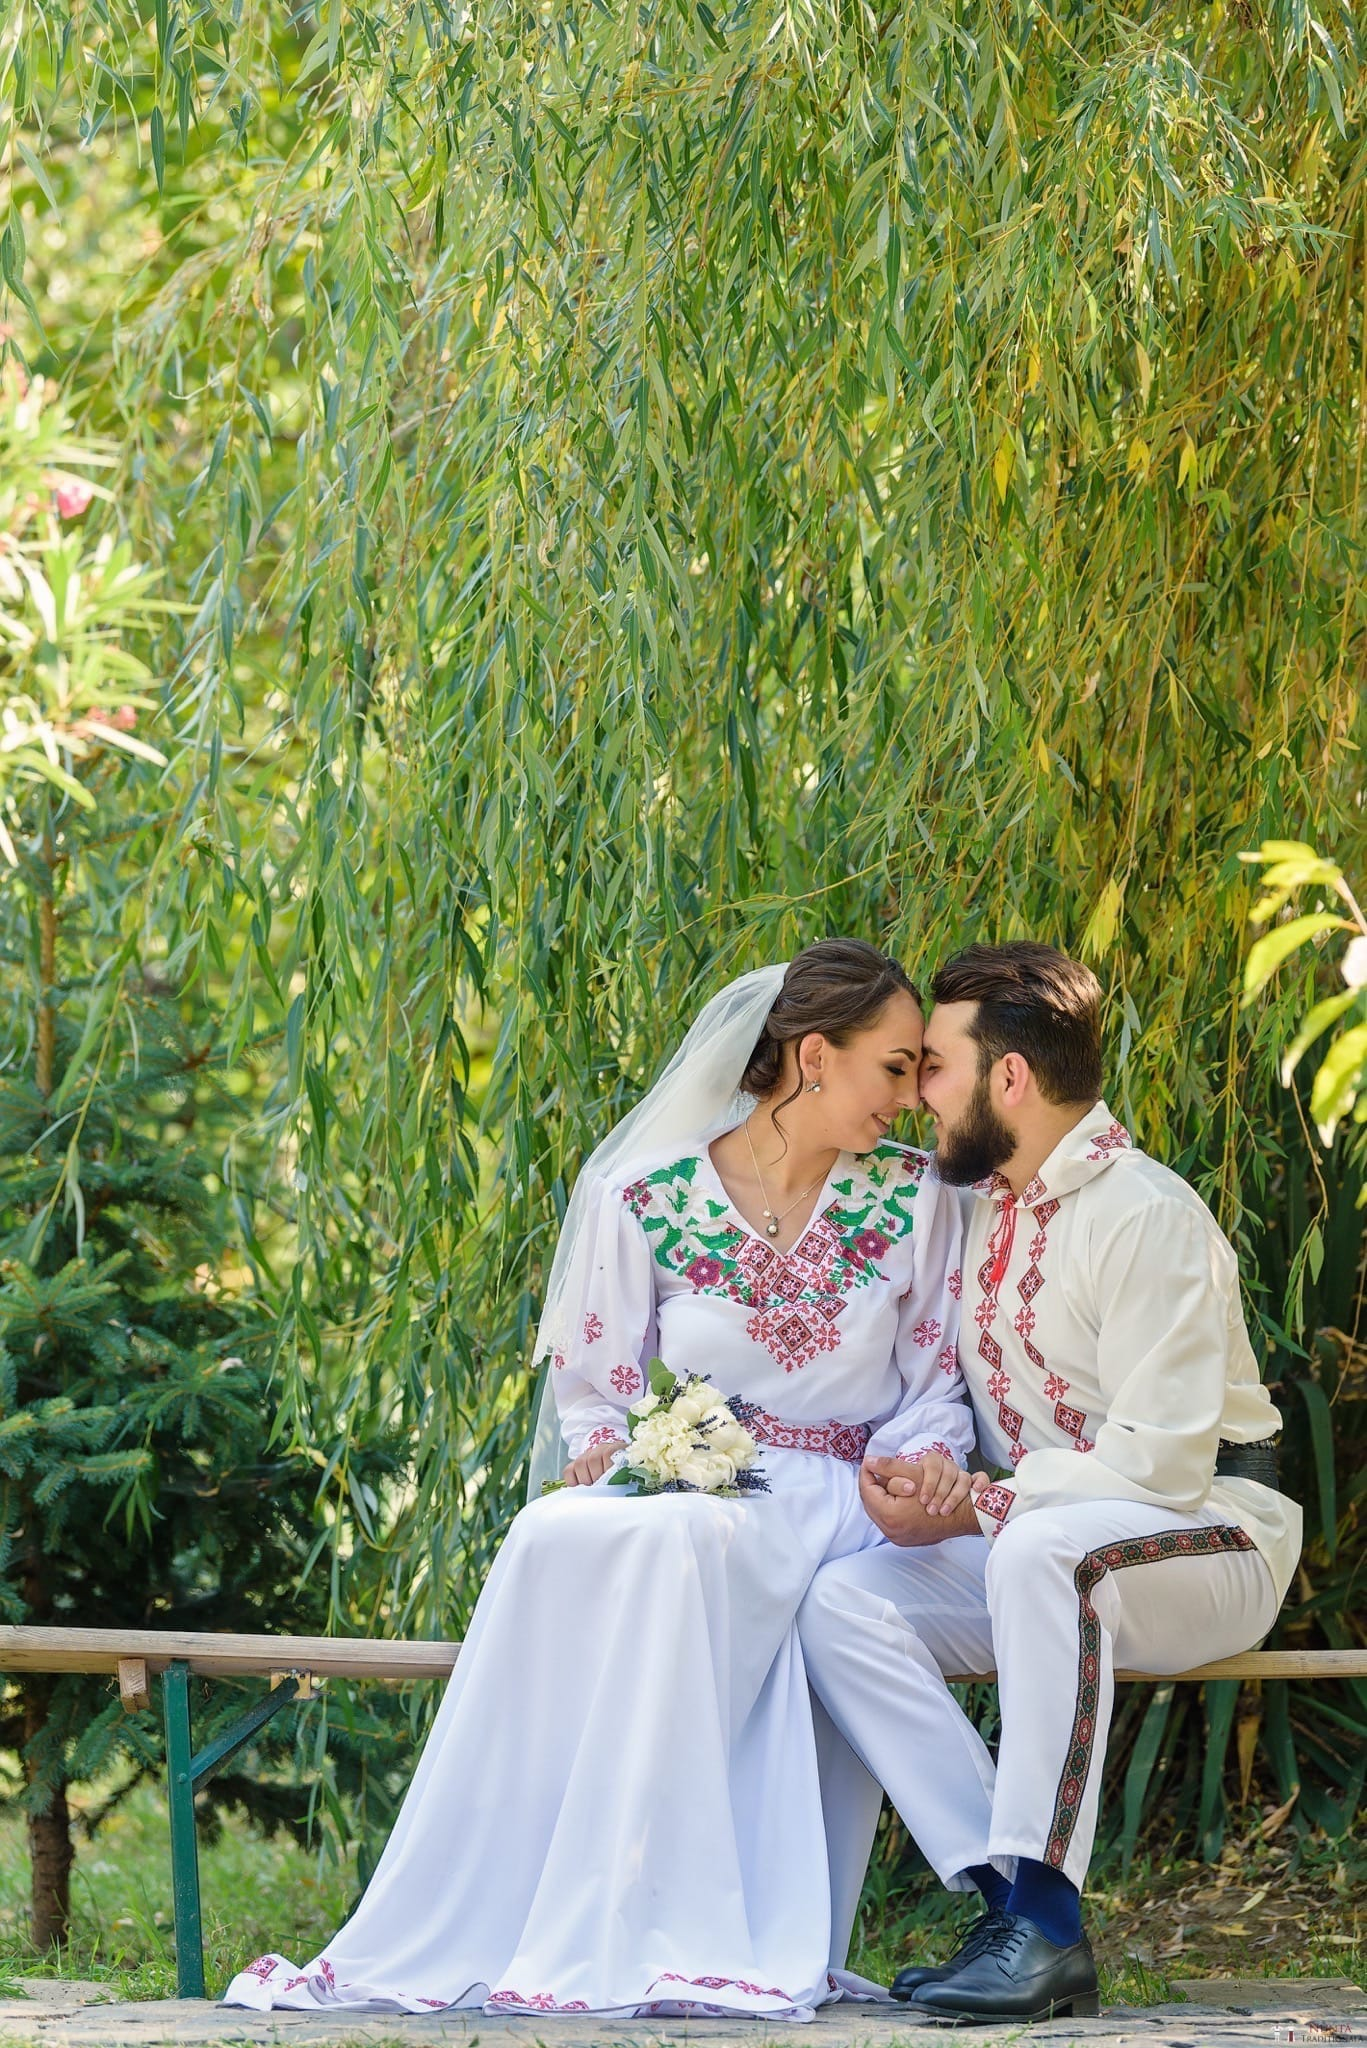 Povești Nunți Tradiționale - Daniela și Cristian, nuntă tradițională în Slobozia, Giurgiu 10